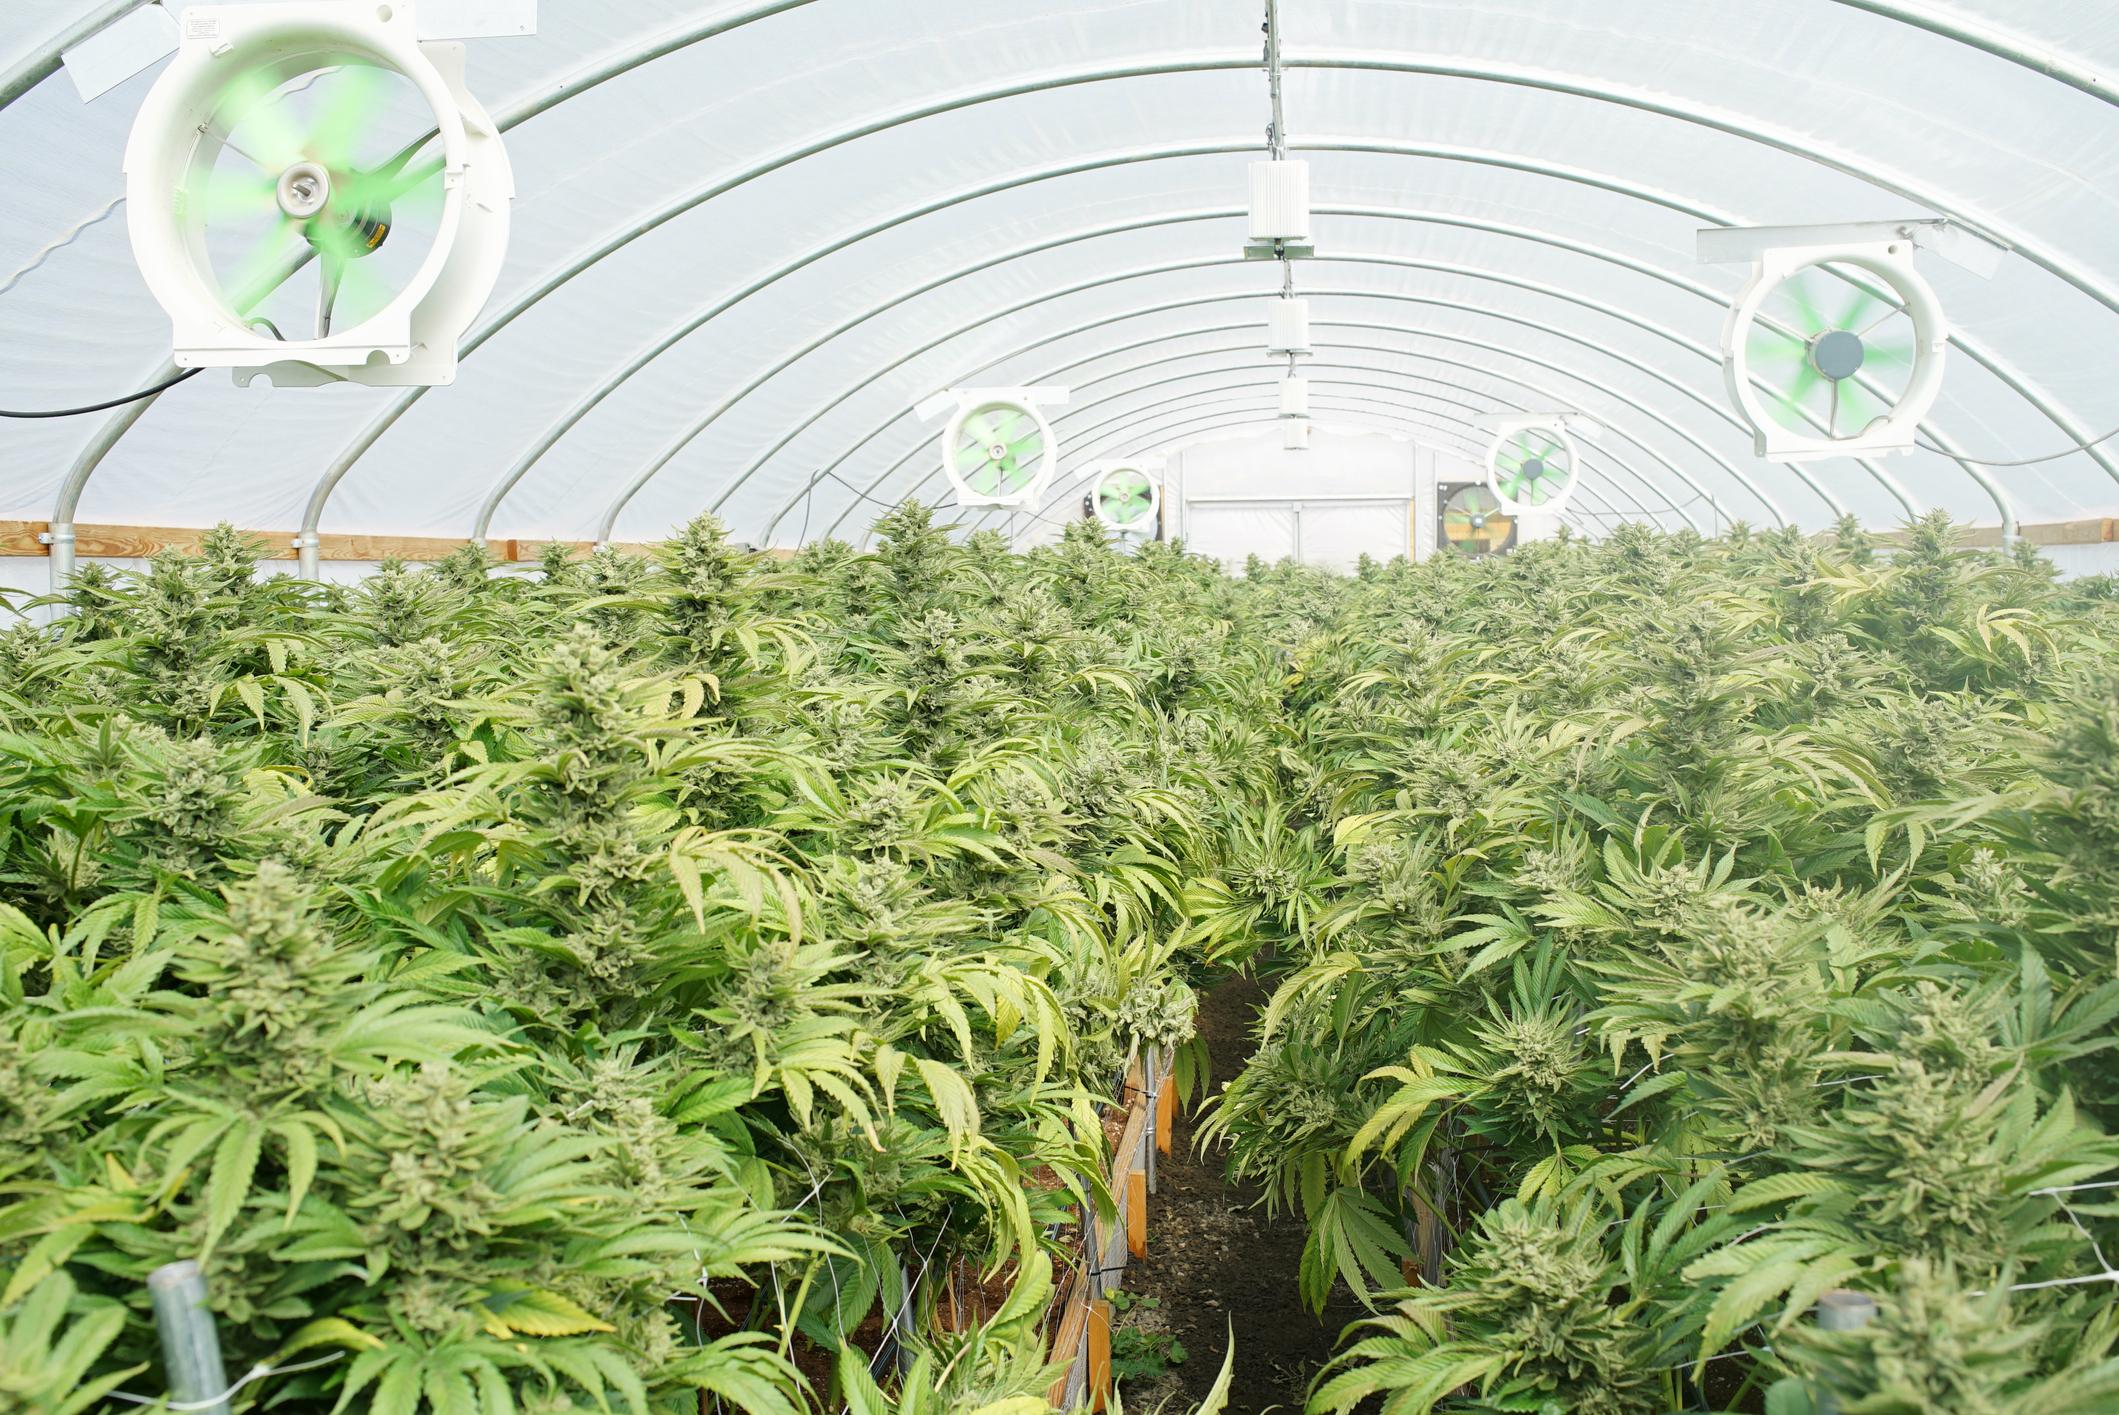 Commercial marijuana grow farm